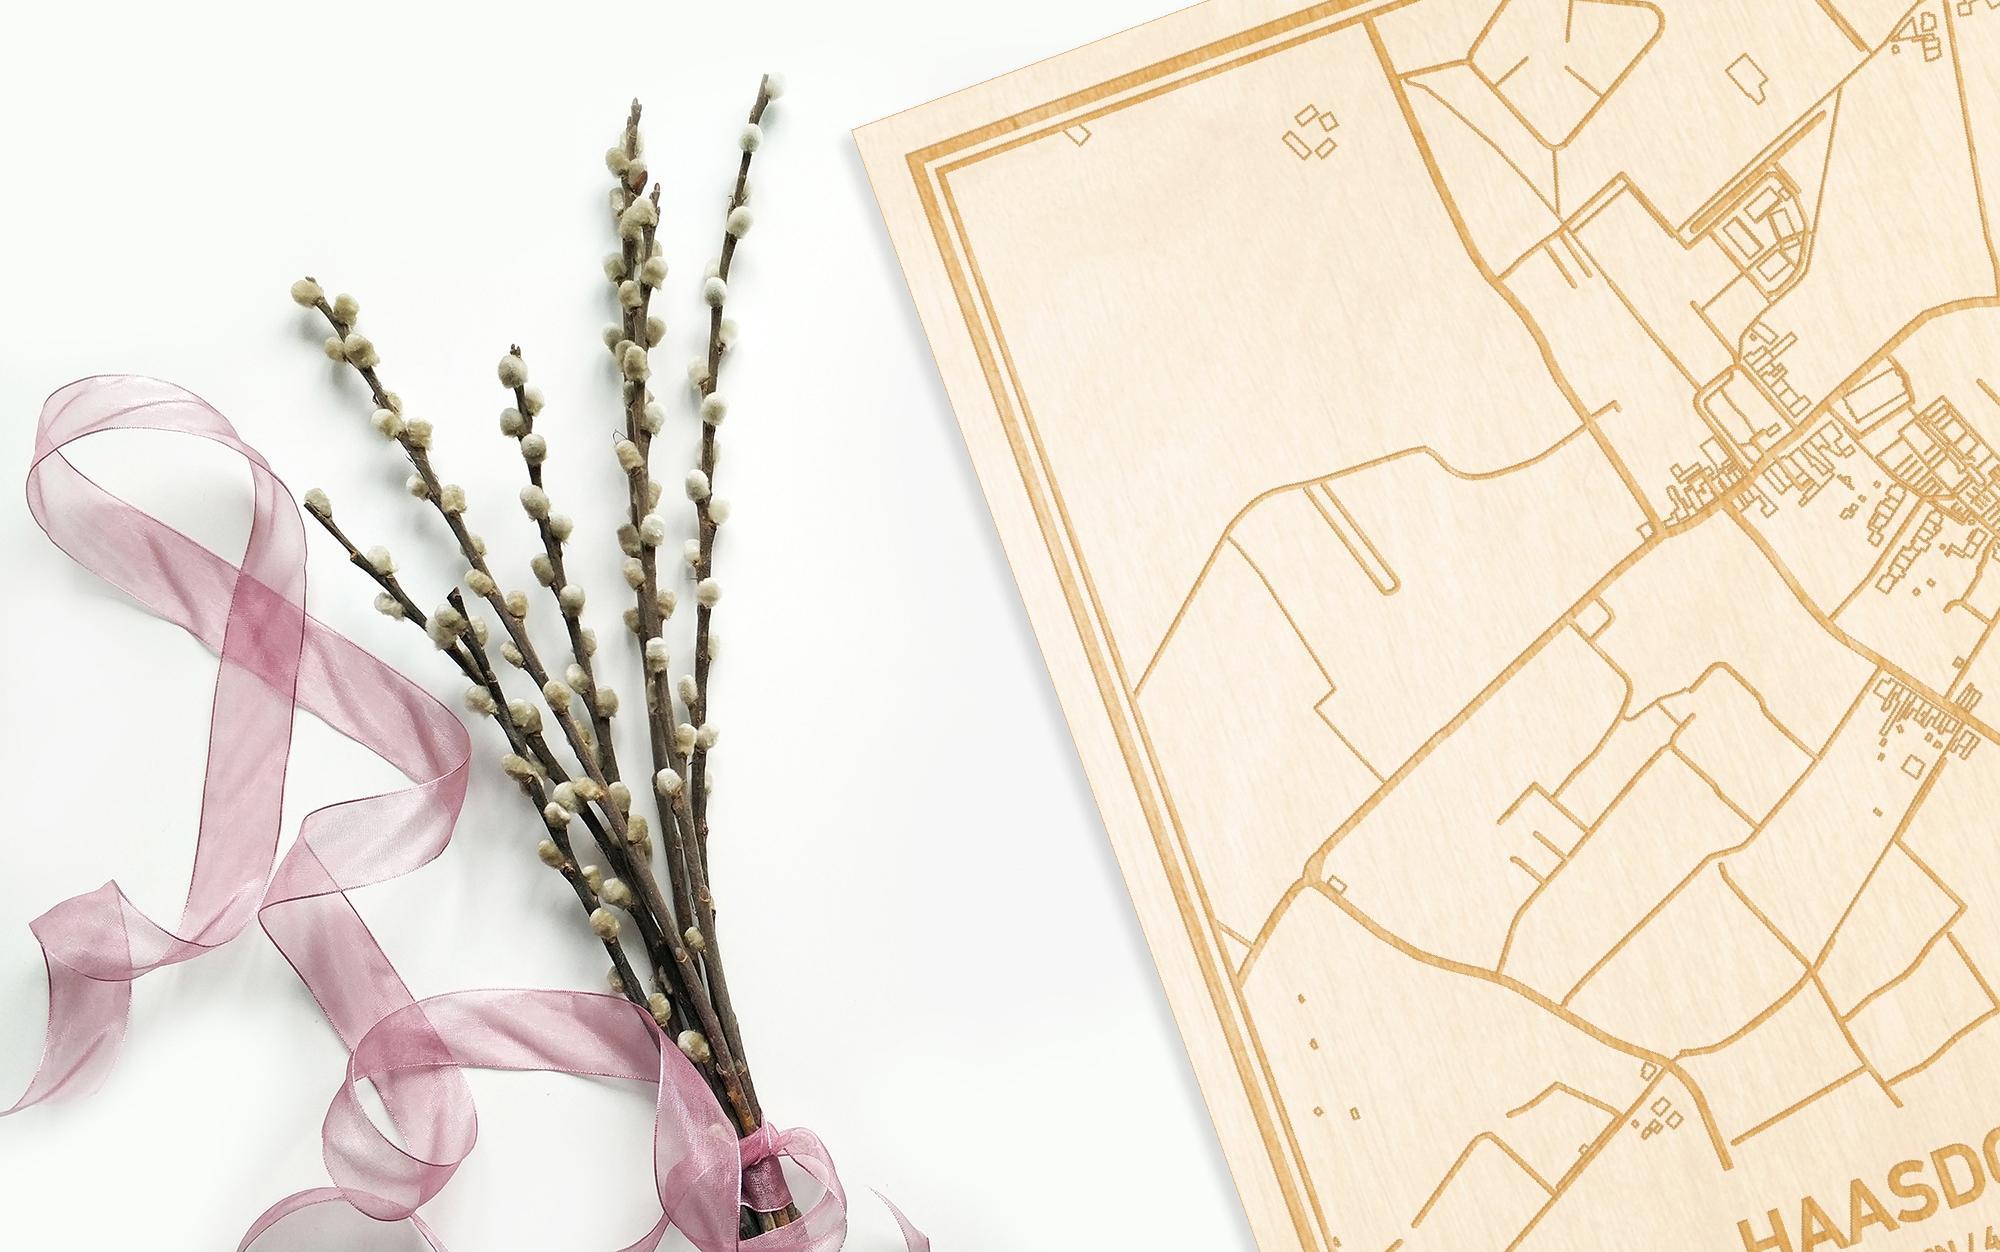 Hier ligt de houten plattegrond Haasdonk naast een bloemetje als gepersonaliseerd cadeau voor haar.